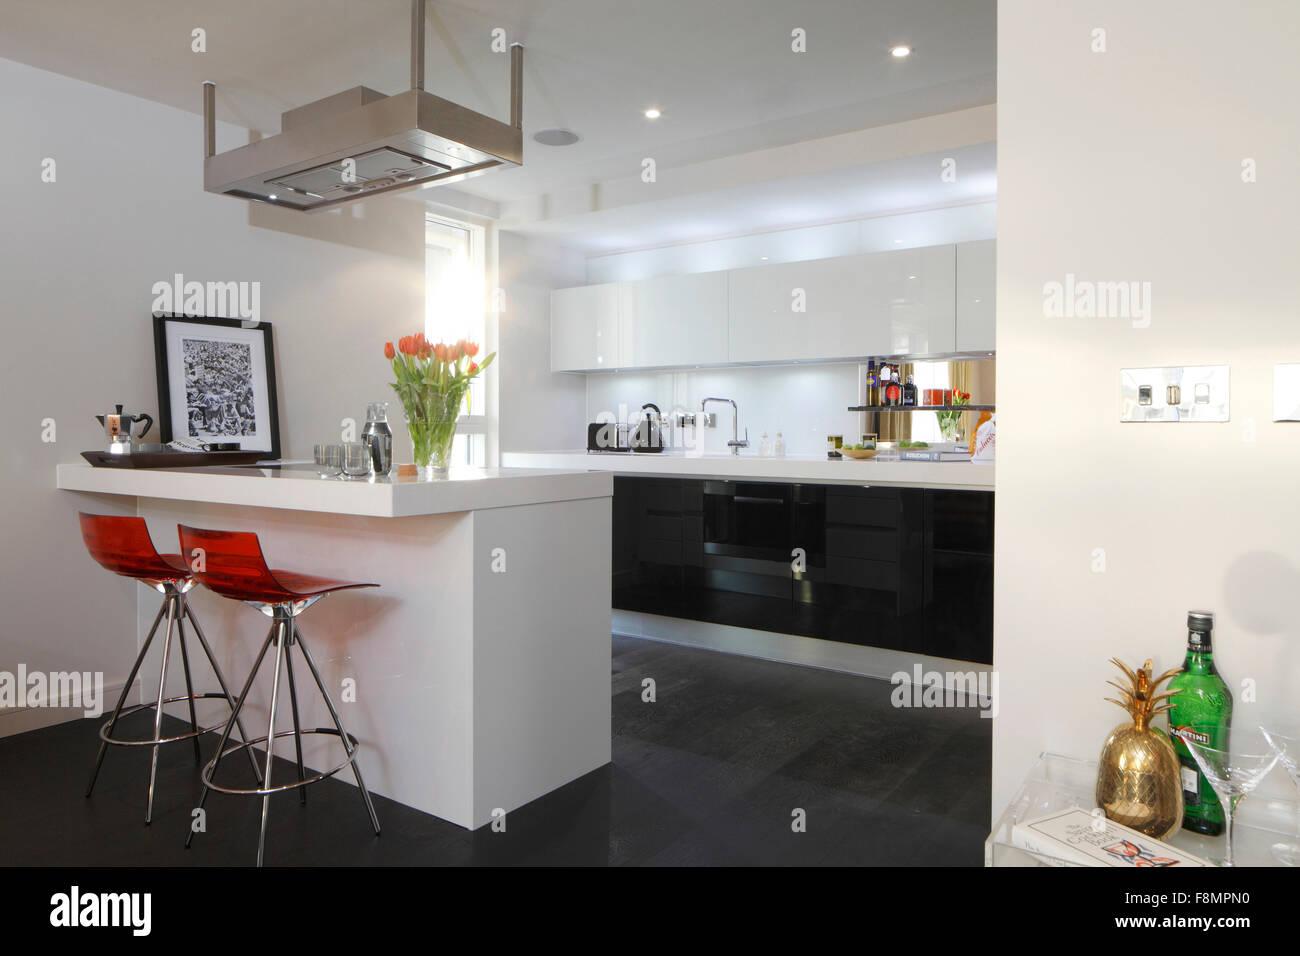 Küche Mit Orange Acryl Barhockern Am Schalter. Moderne Innenarchitektur.